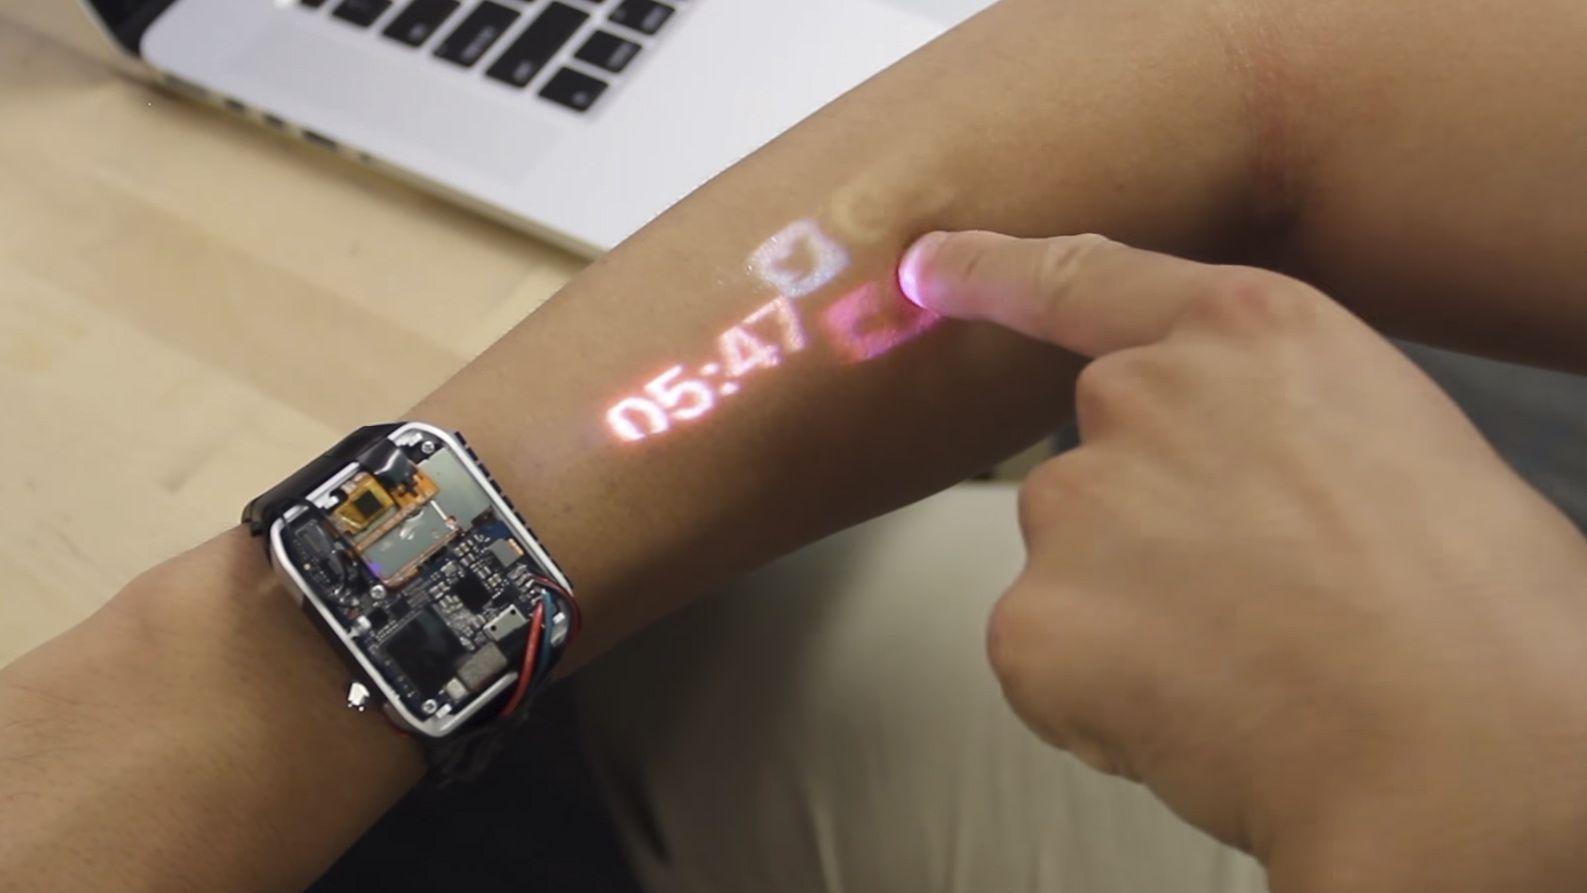 Lumi Watch ساعة تحول الذراع الى شاشة لمسية